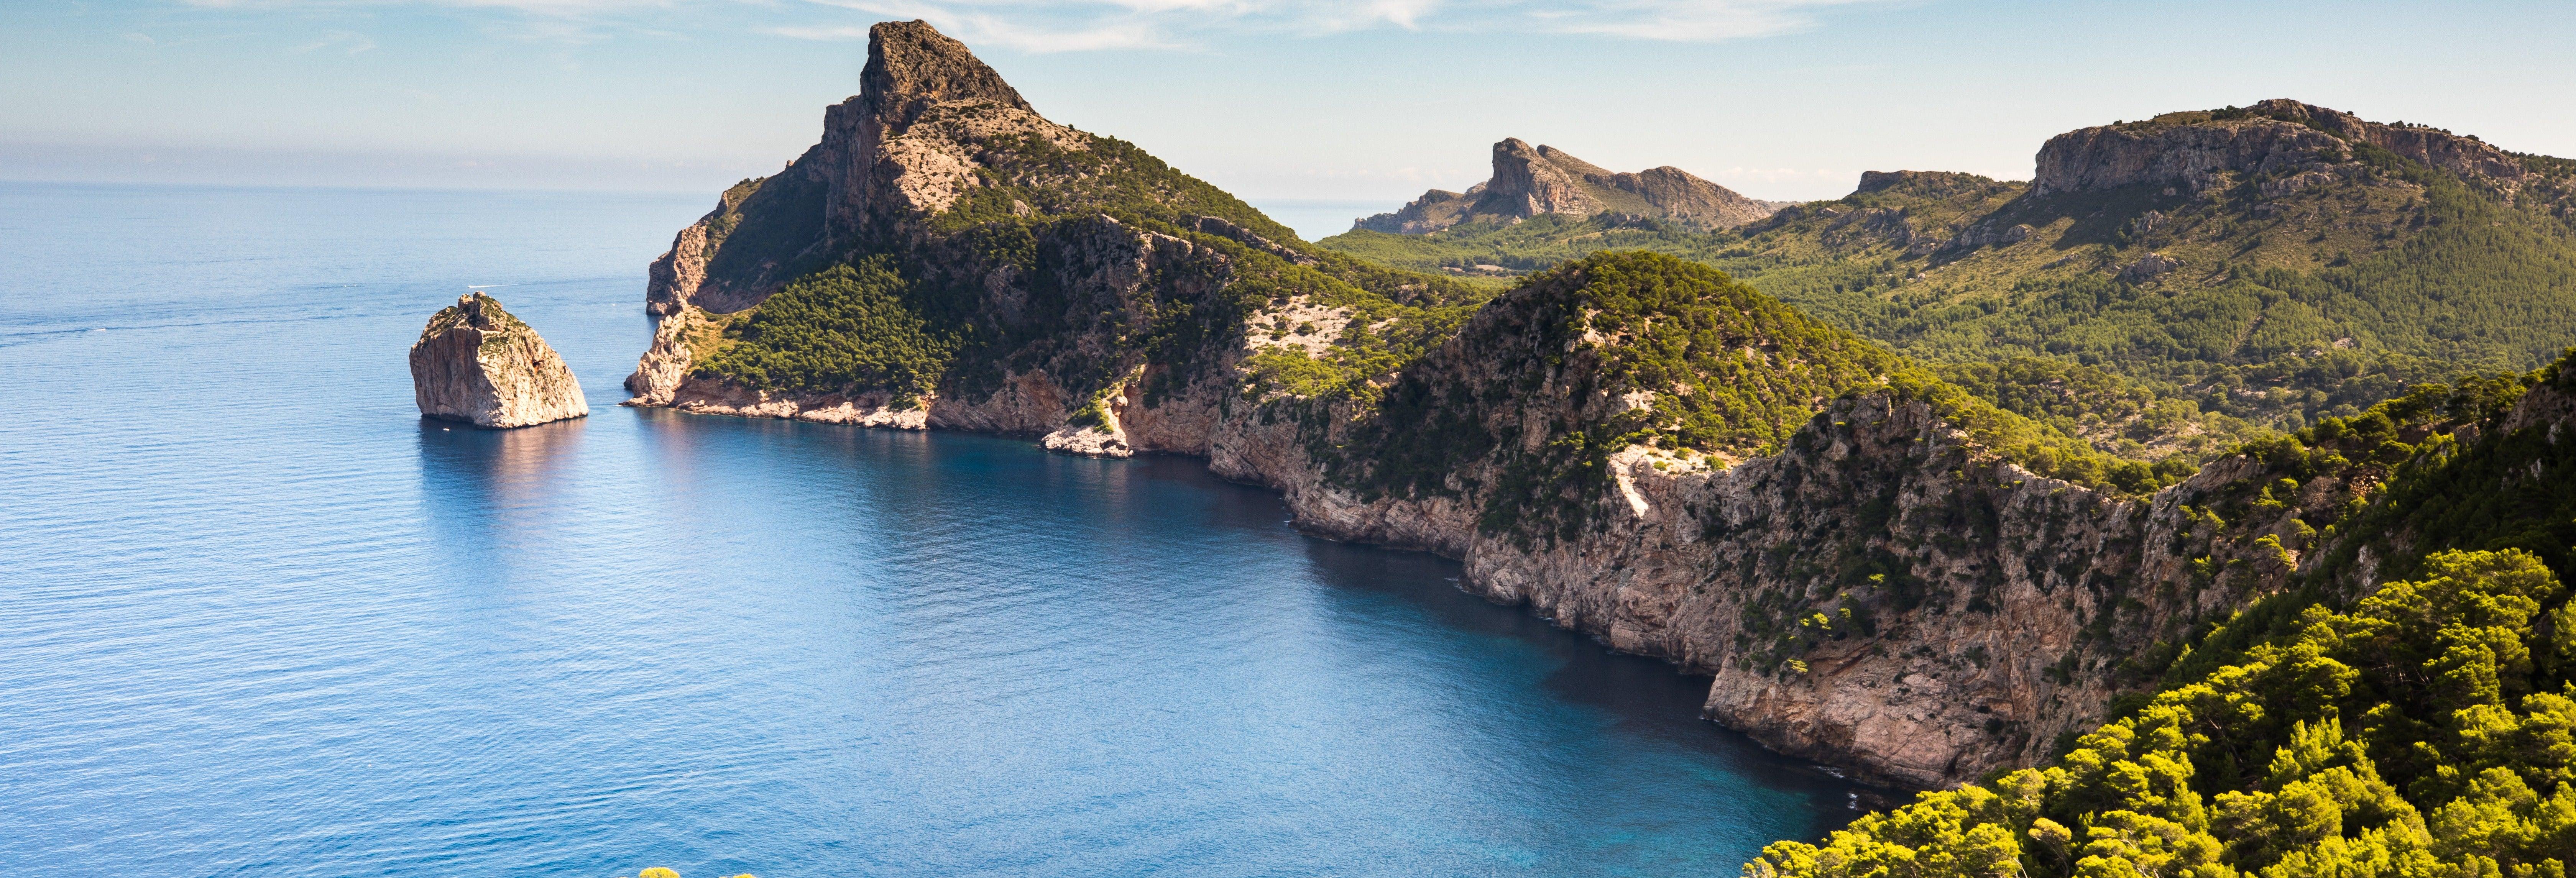 Tour panorámico por Formentor + Paseo en barco